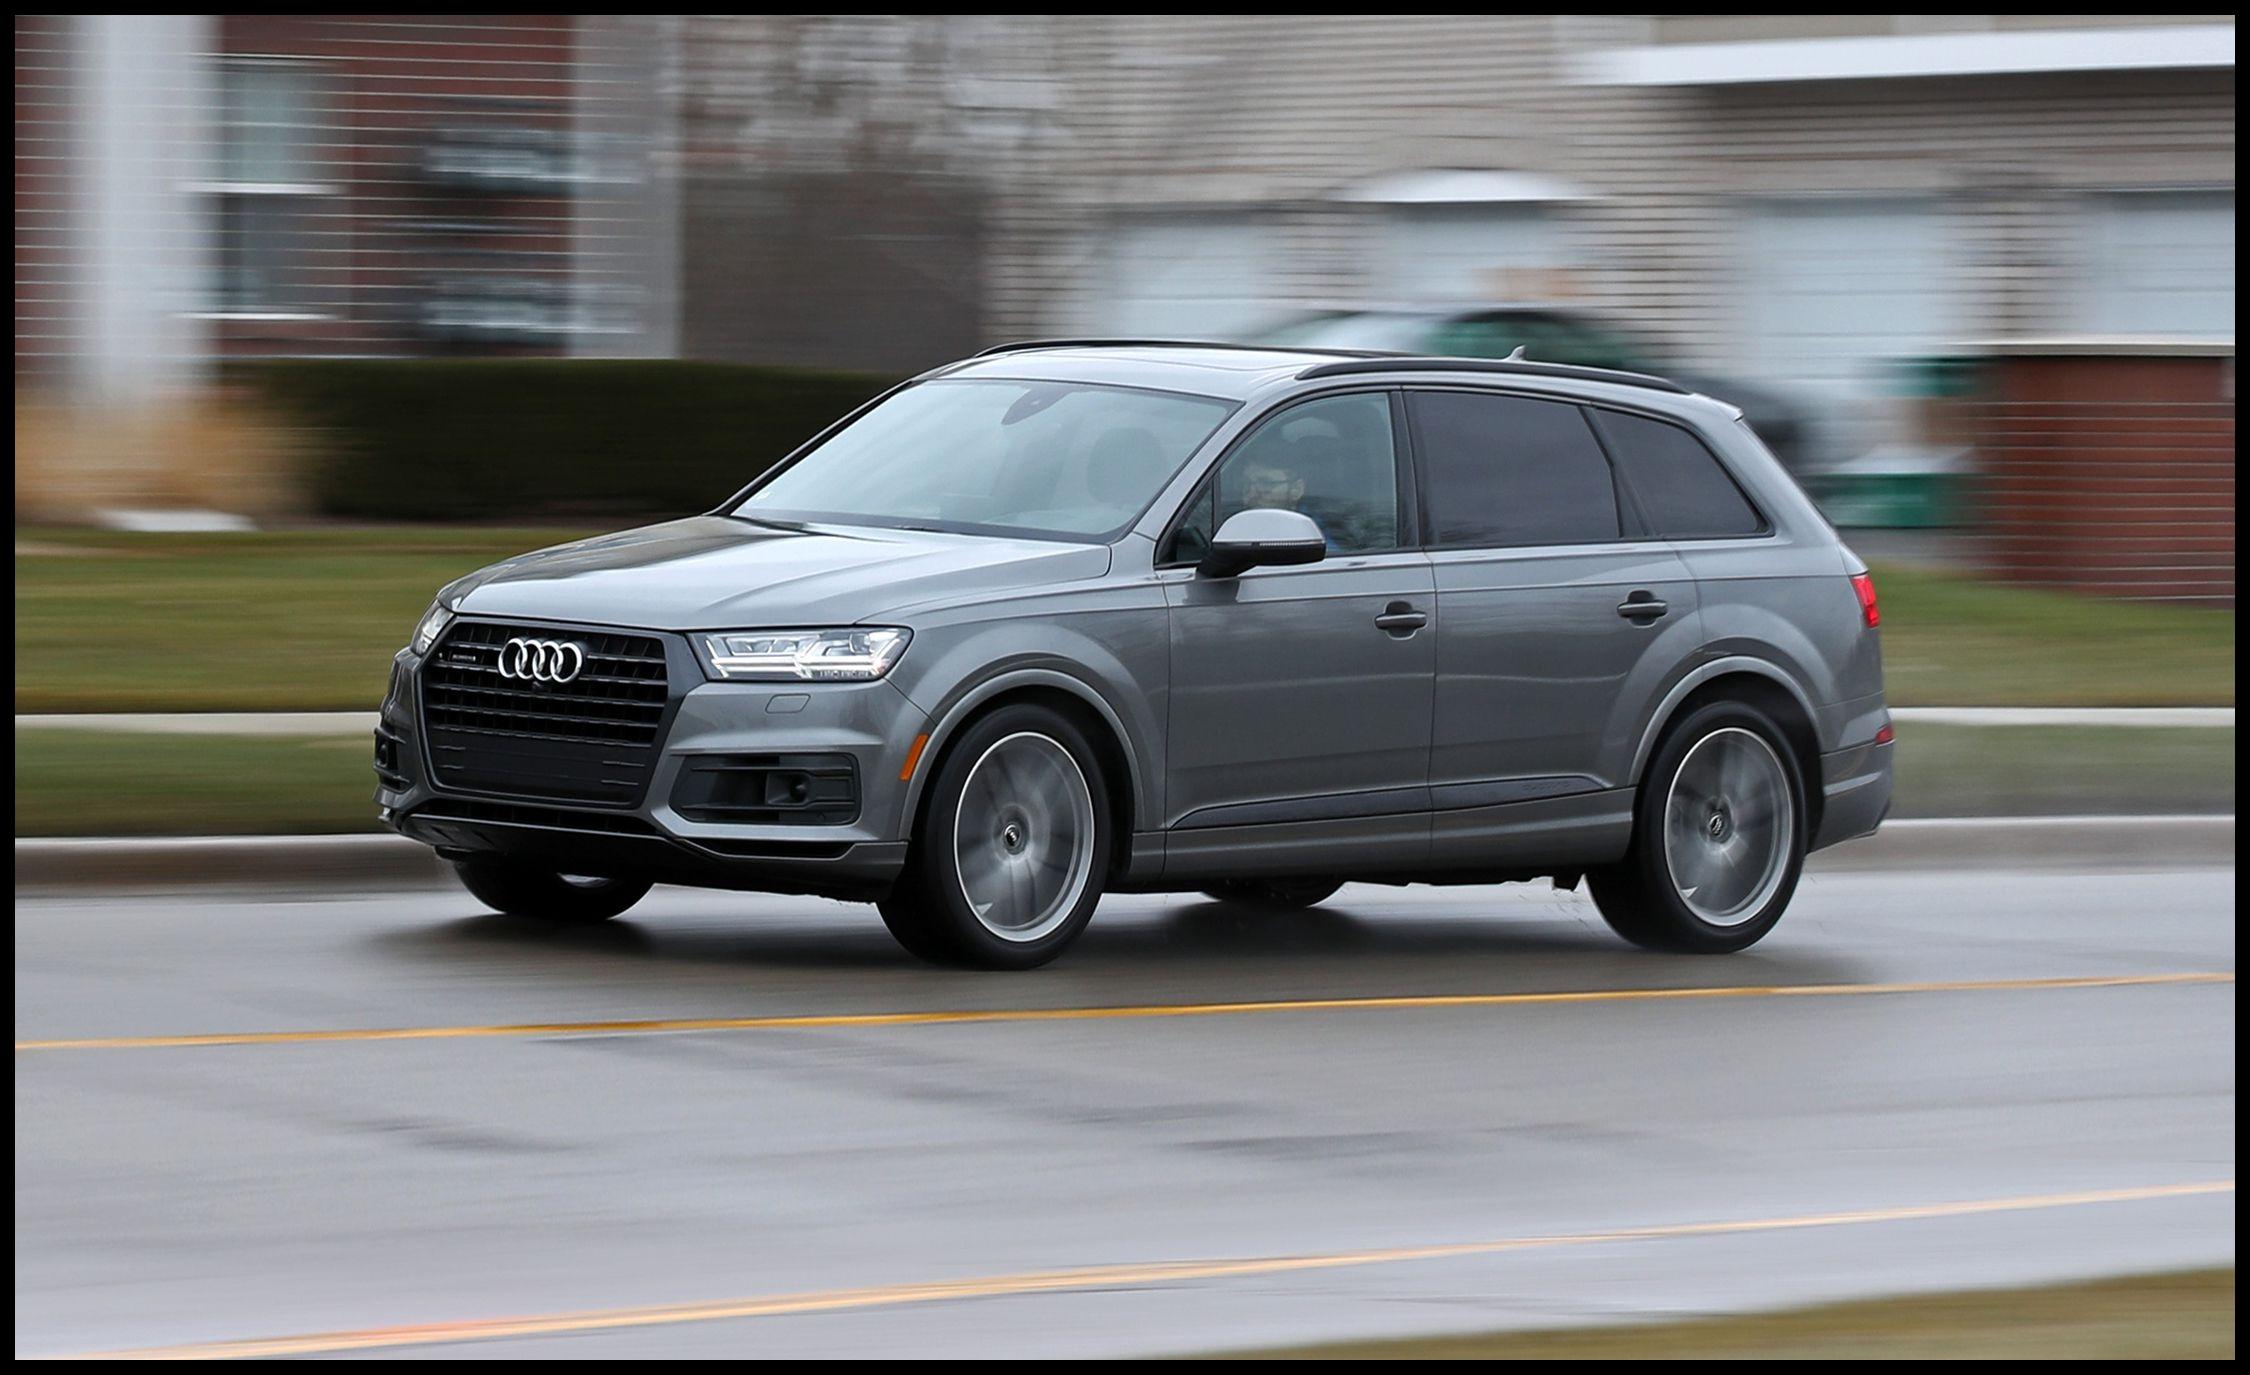 2018 Audi Q7